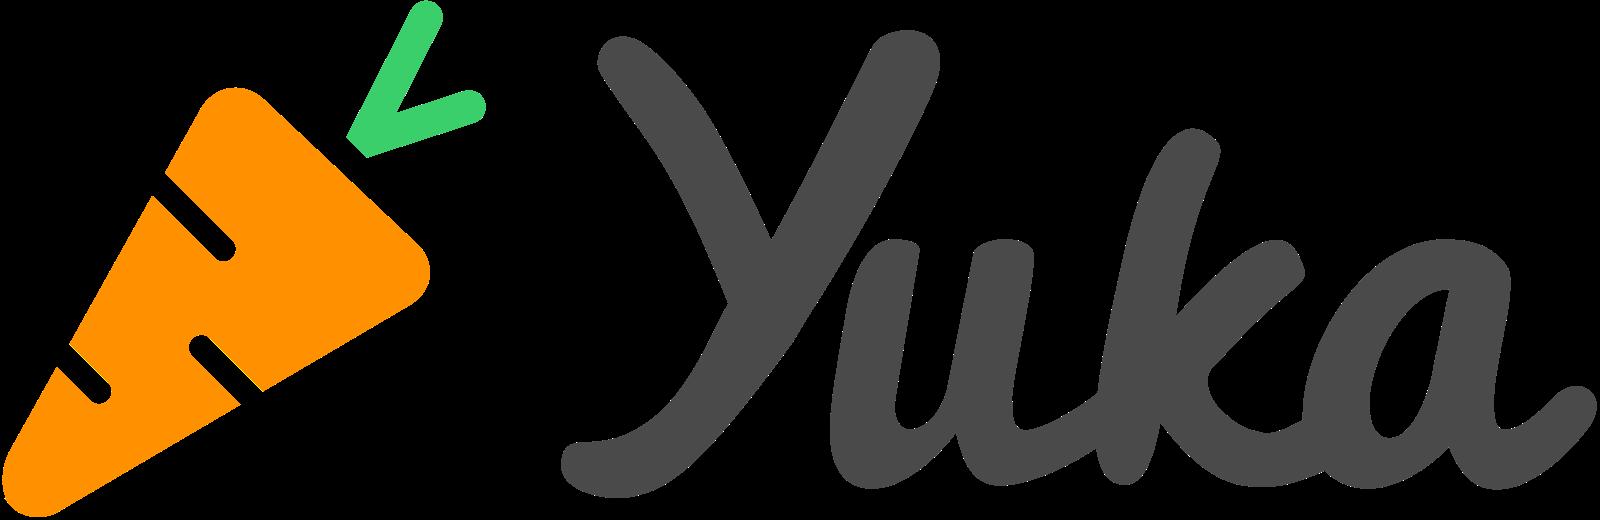 Press kit - Yuka